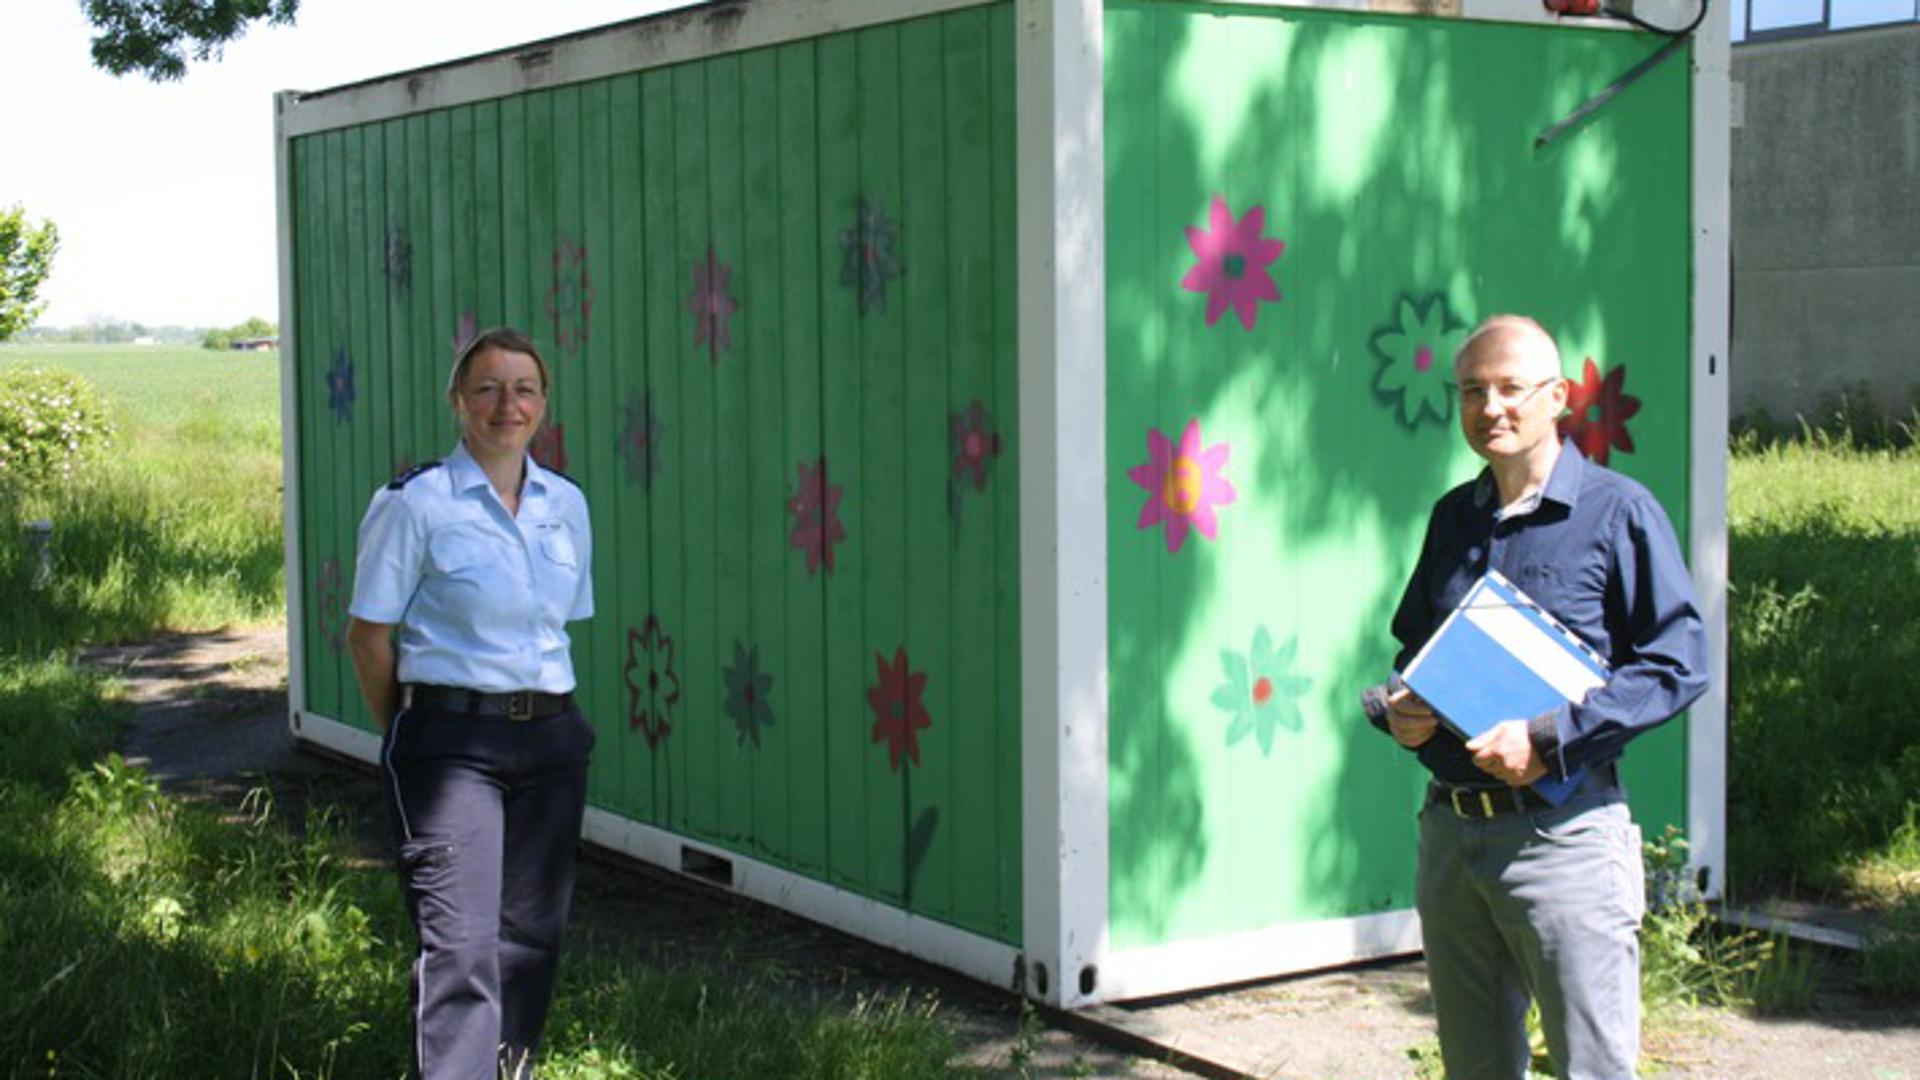 Polizeihauptmeisterin Grodzicki und Oberamtsanwalt Wurth vom Haus des Jugendrechts Offenburg bei der Inspektion des Containers.